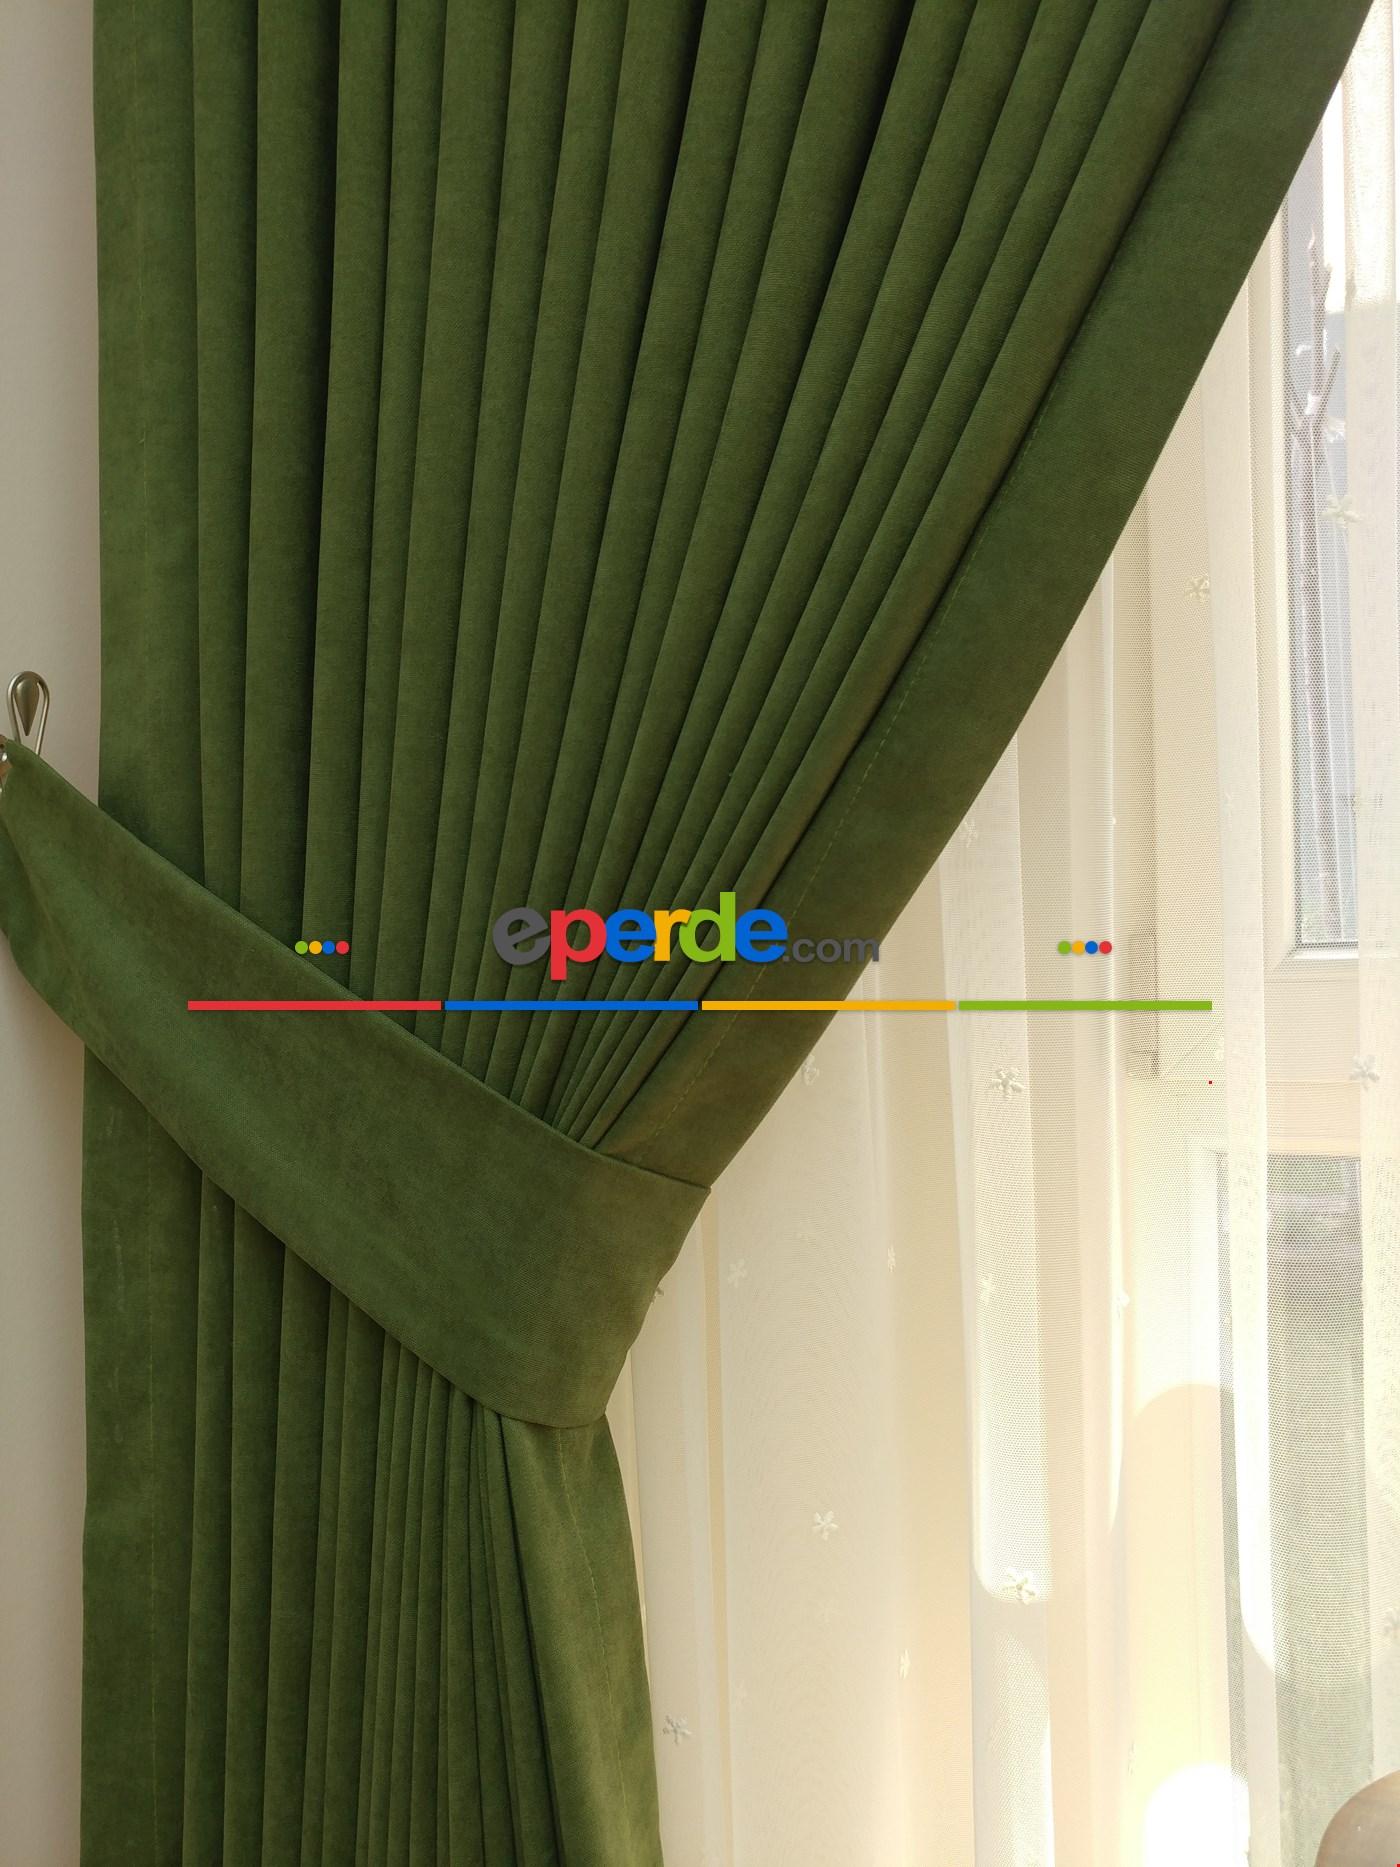 Antrasit Gri Düz Fon Perde Dökümlü Birinci Kalite 300 Cm Geniş En Daha Hesaplı Yeşil